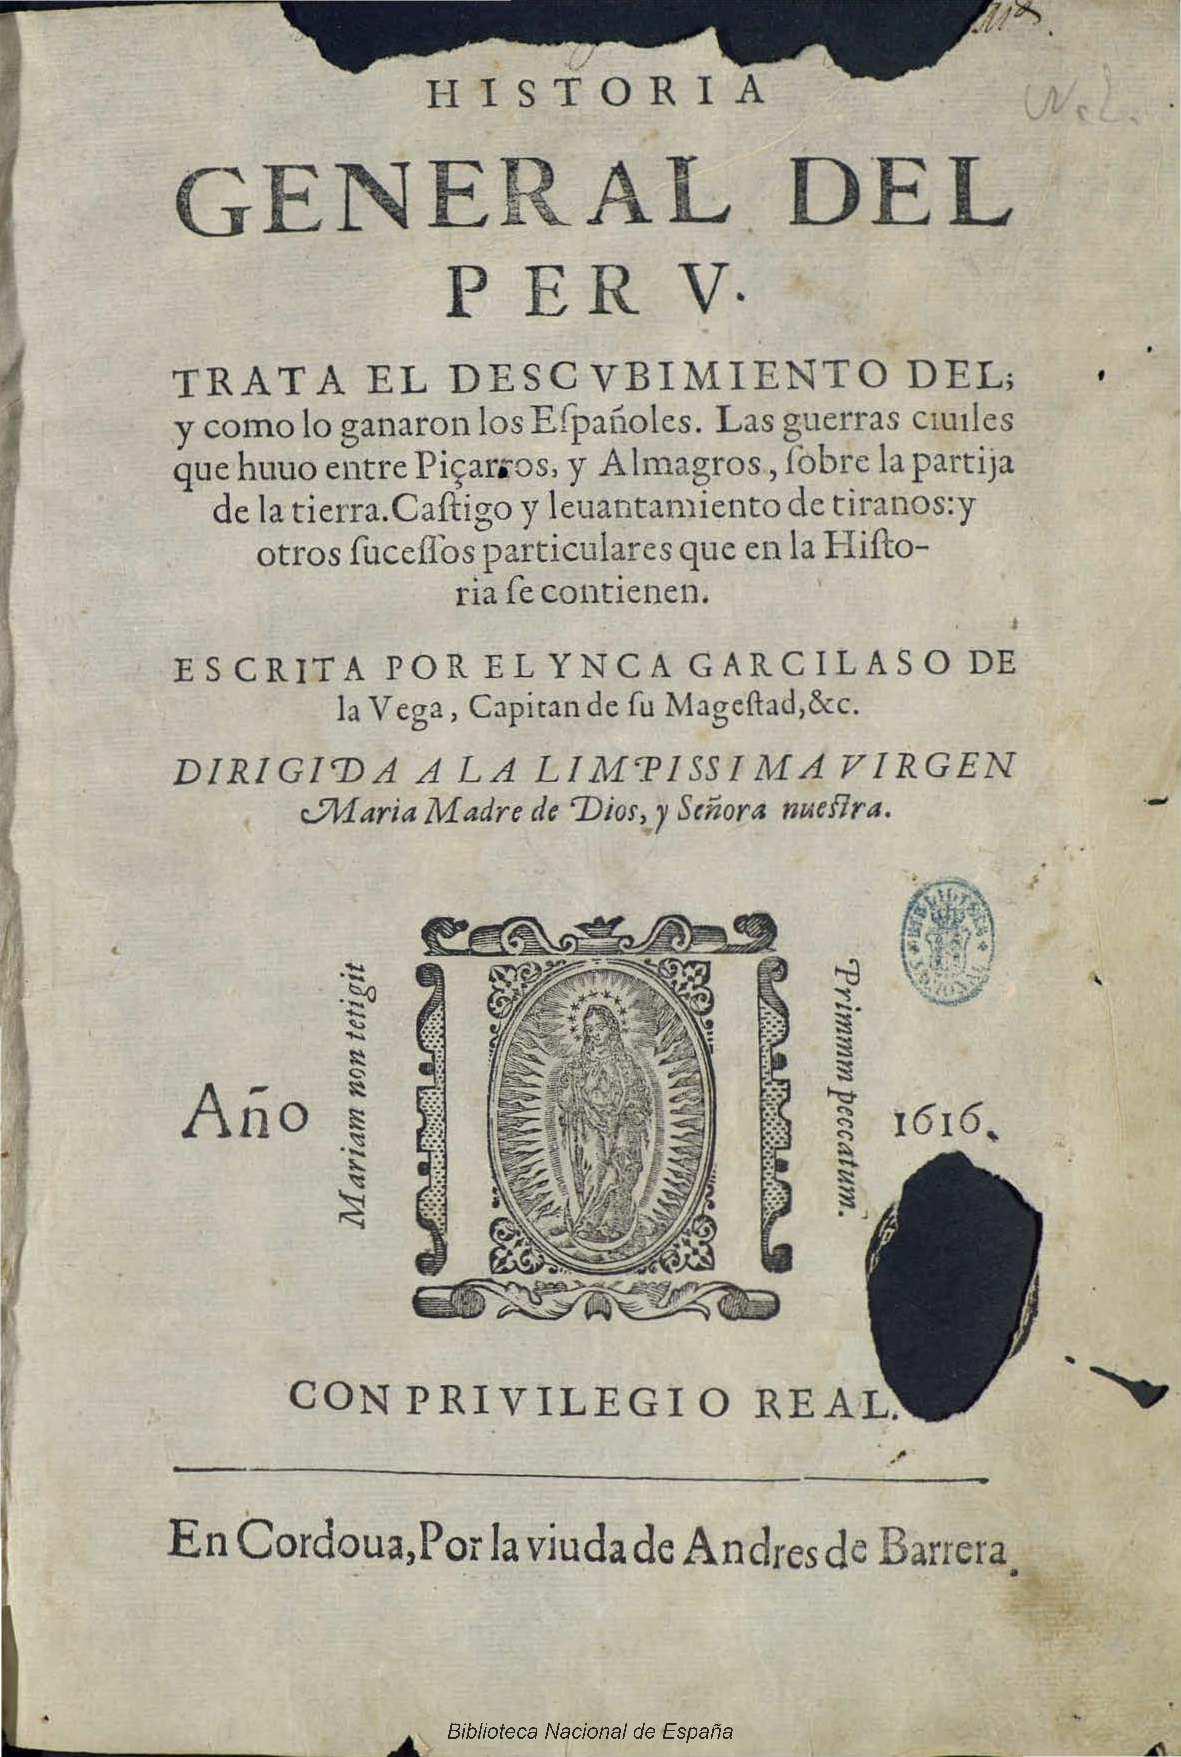 Historia General del Perú - Wikipedia, la enciclopedia libre